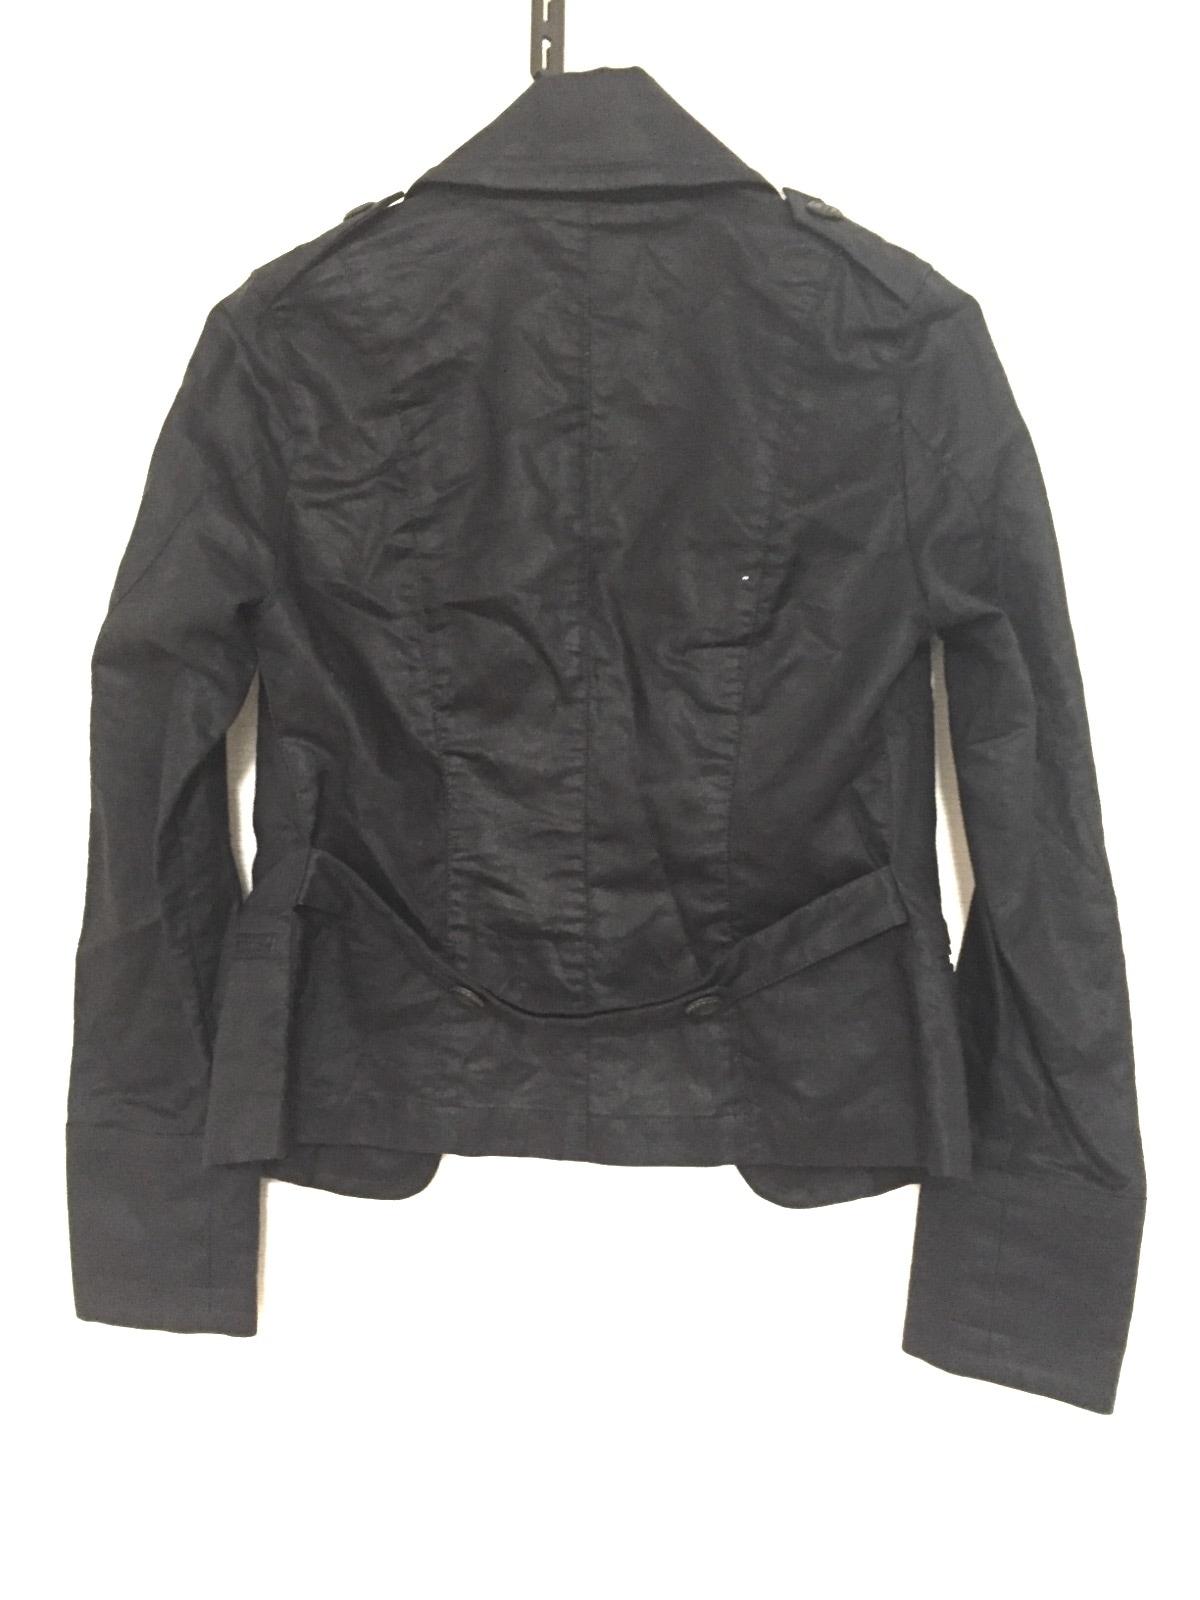 Echoes(エコーズ)のジャケット